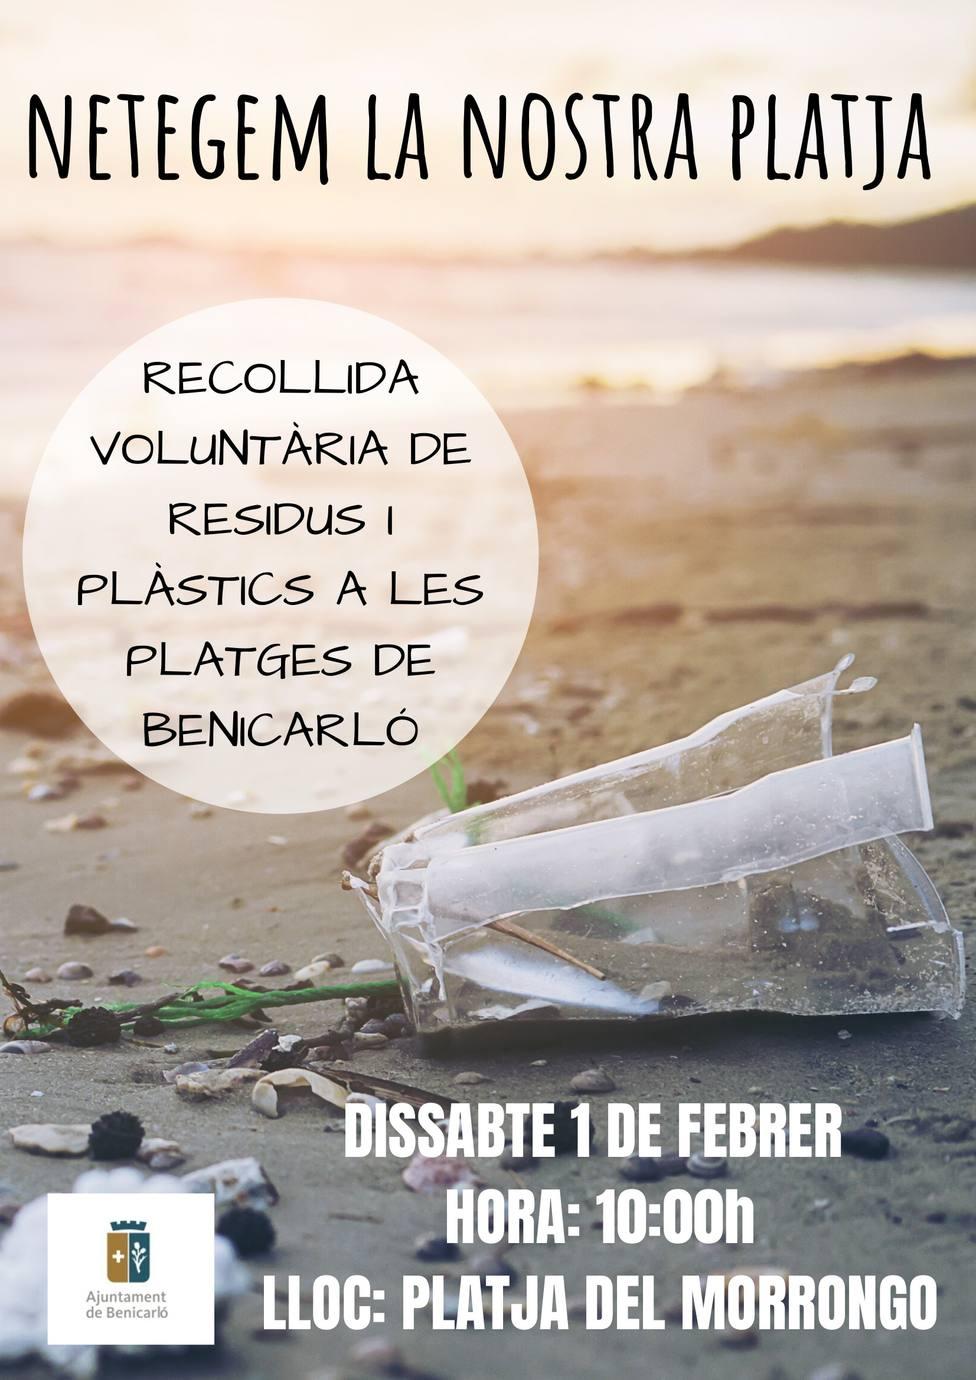 Recogida residuos playas